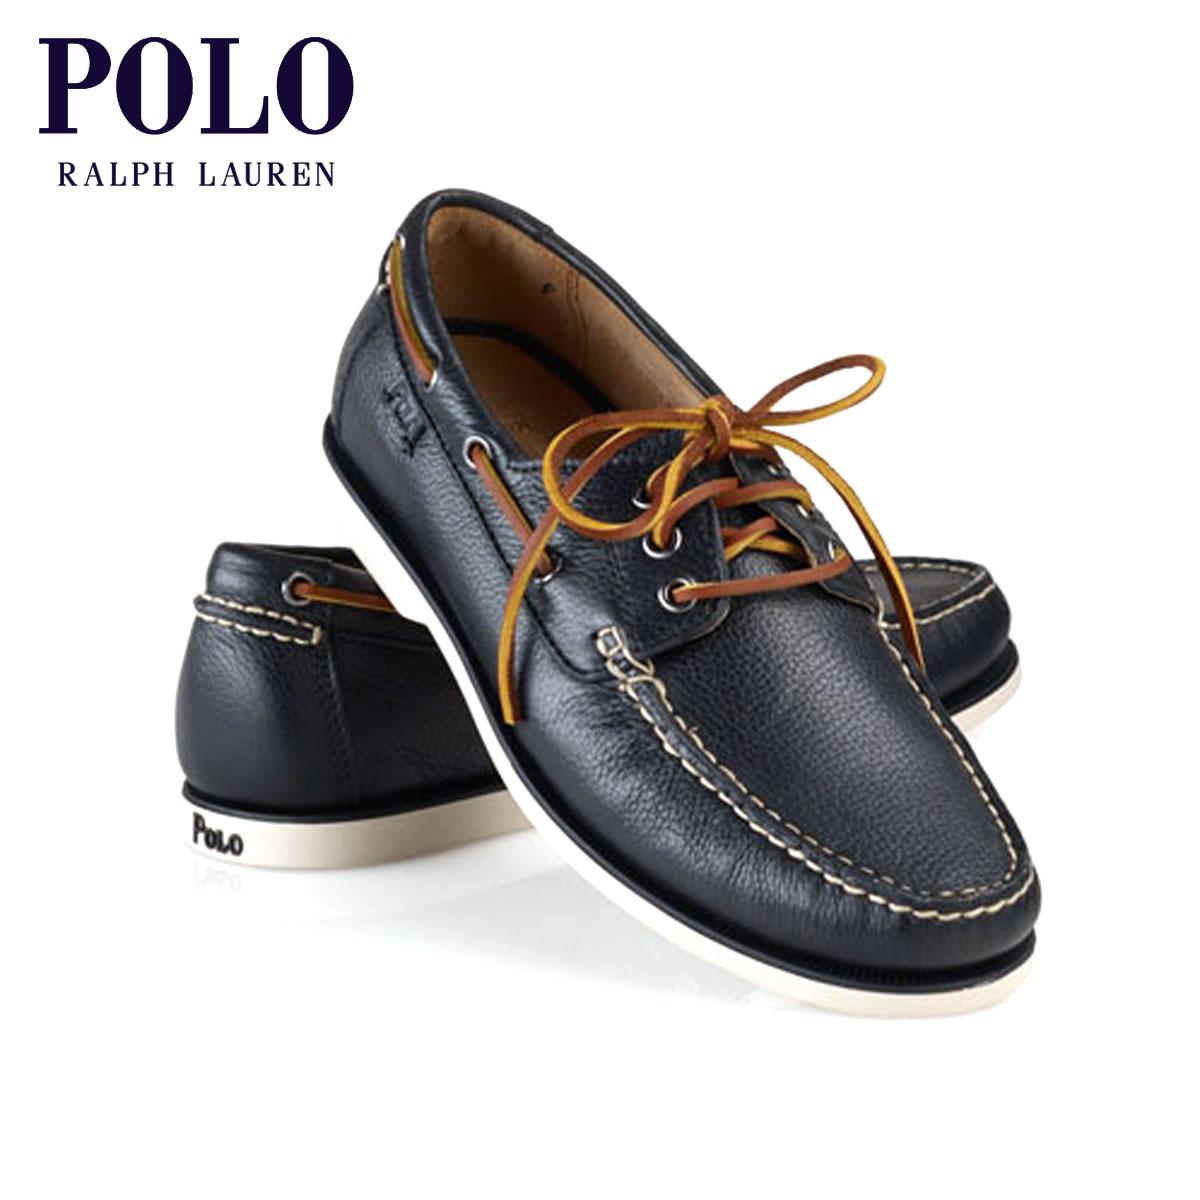 ポロ ラルフローレン POLO RALPH LAUREN 正規品 メンズ 靴 シューズ Bienne Boat Shoe